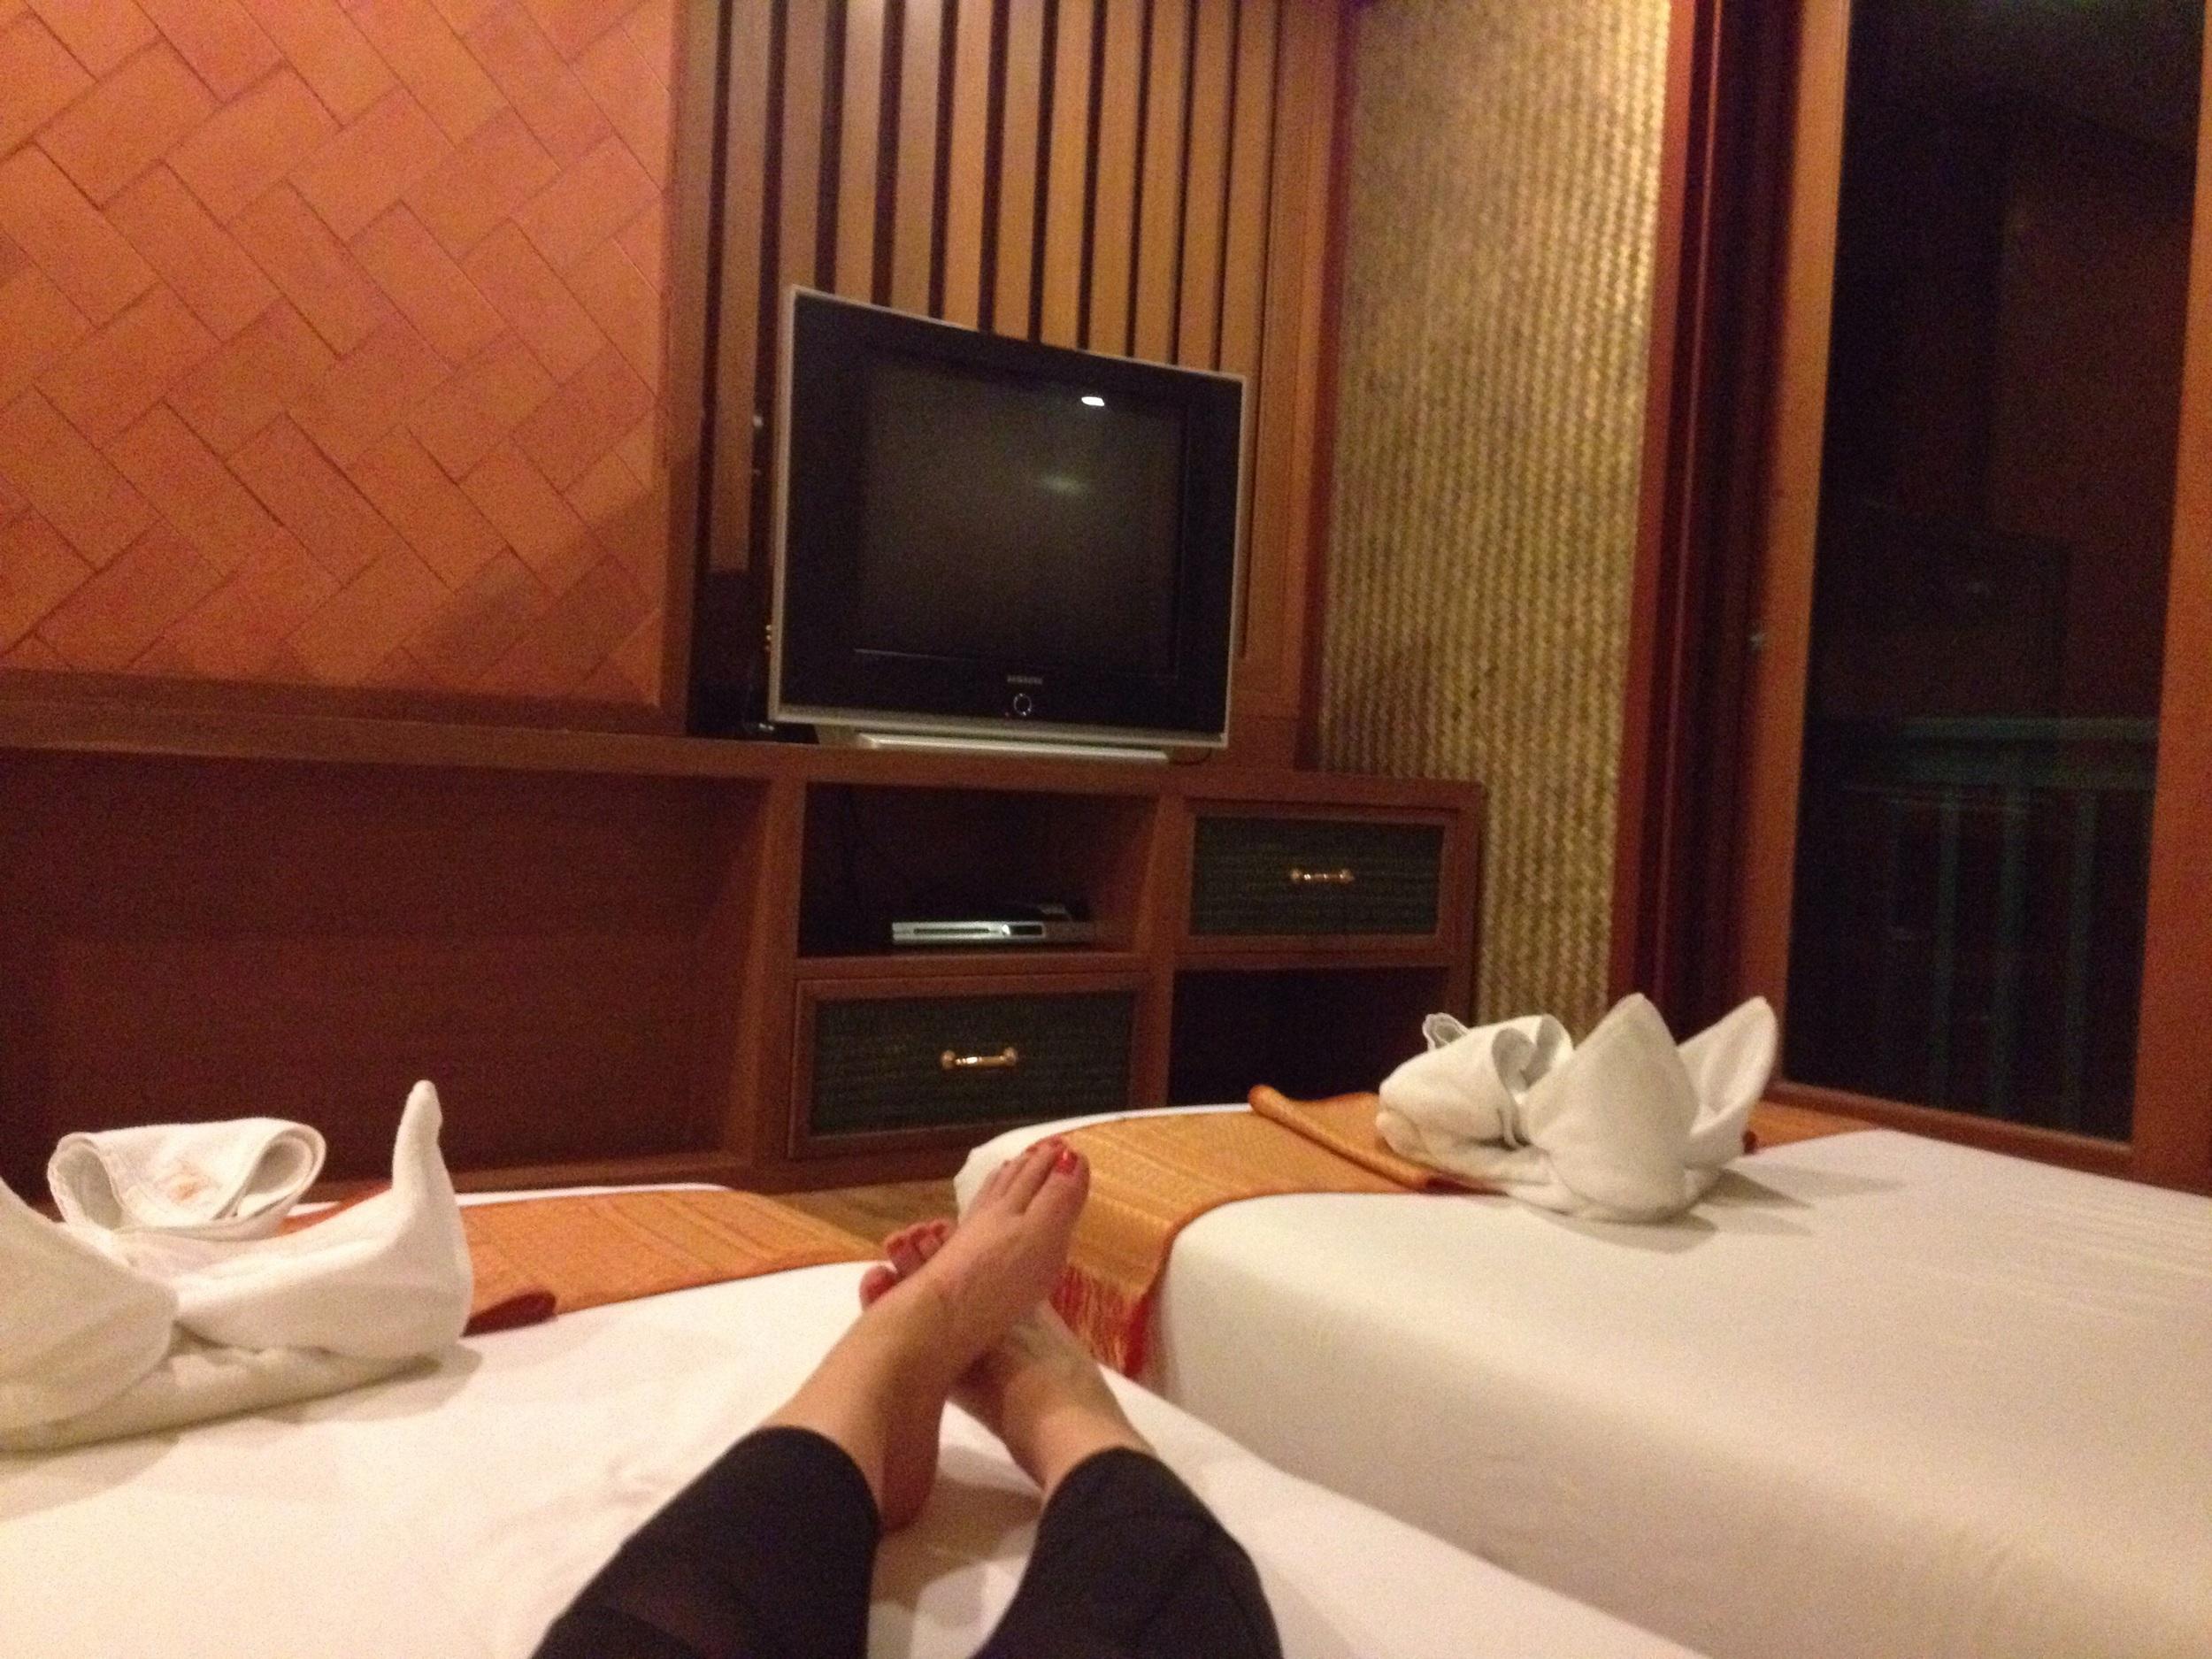 Ahhhhhhh lovely clean hotel room